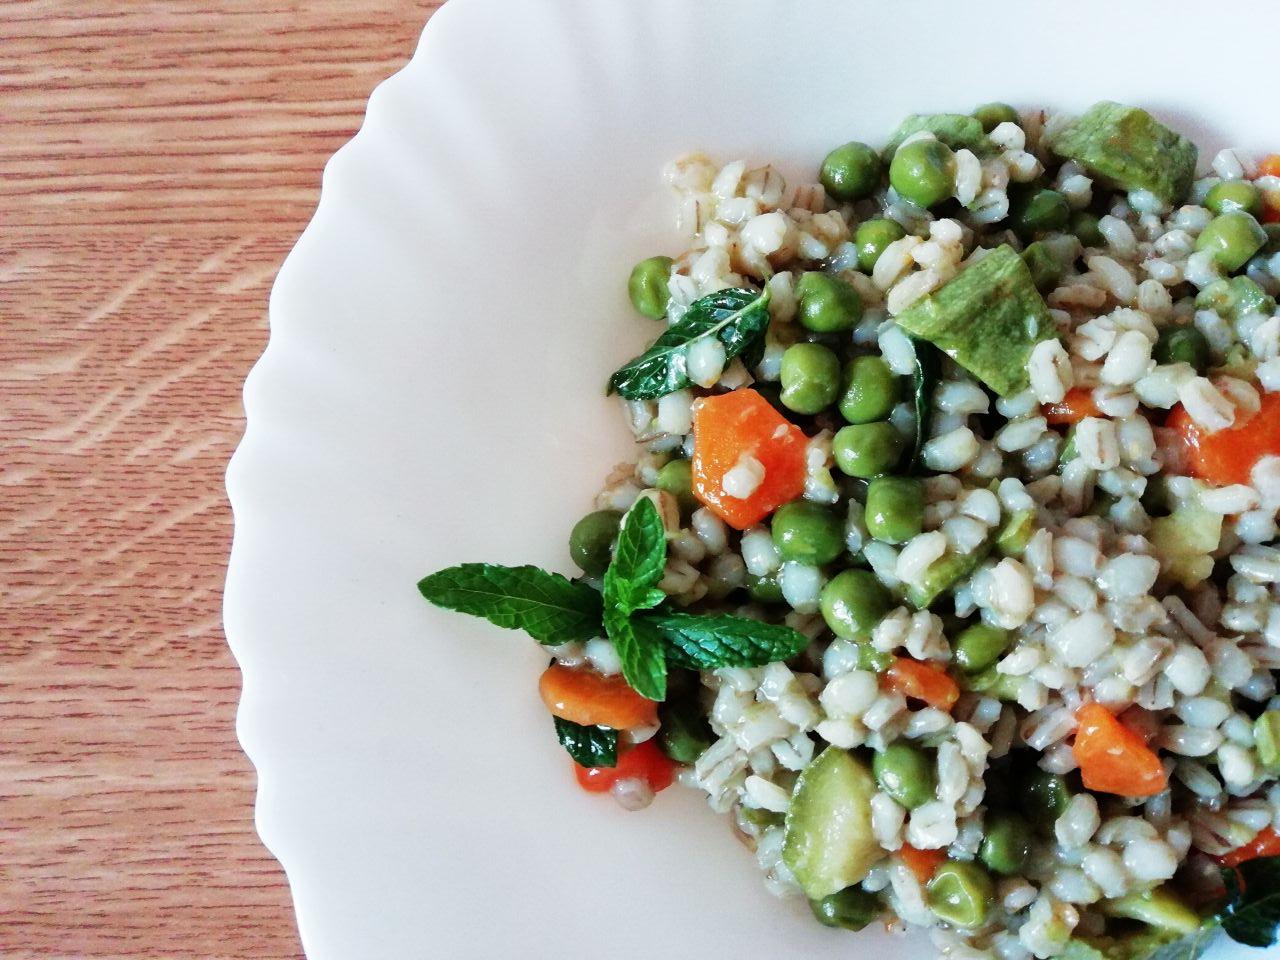 Primi piatti vegetariani: orzo perlato alle verdure primaverili!